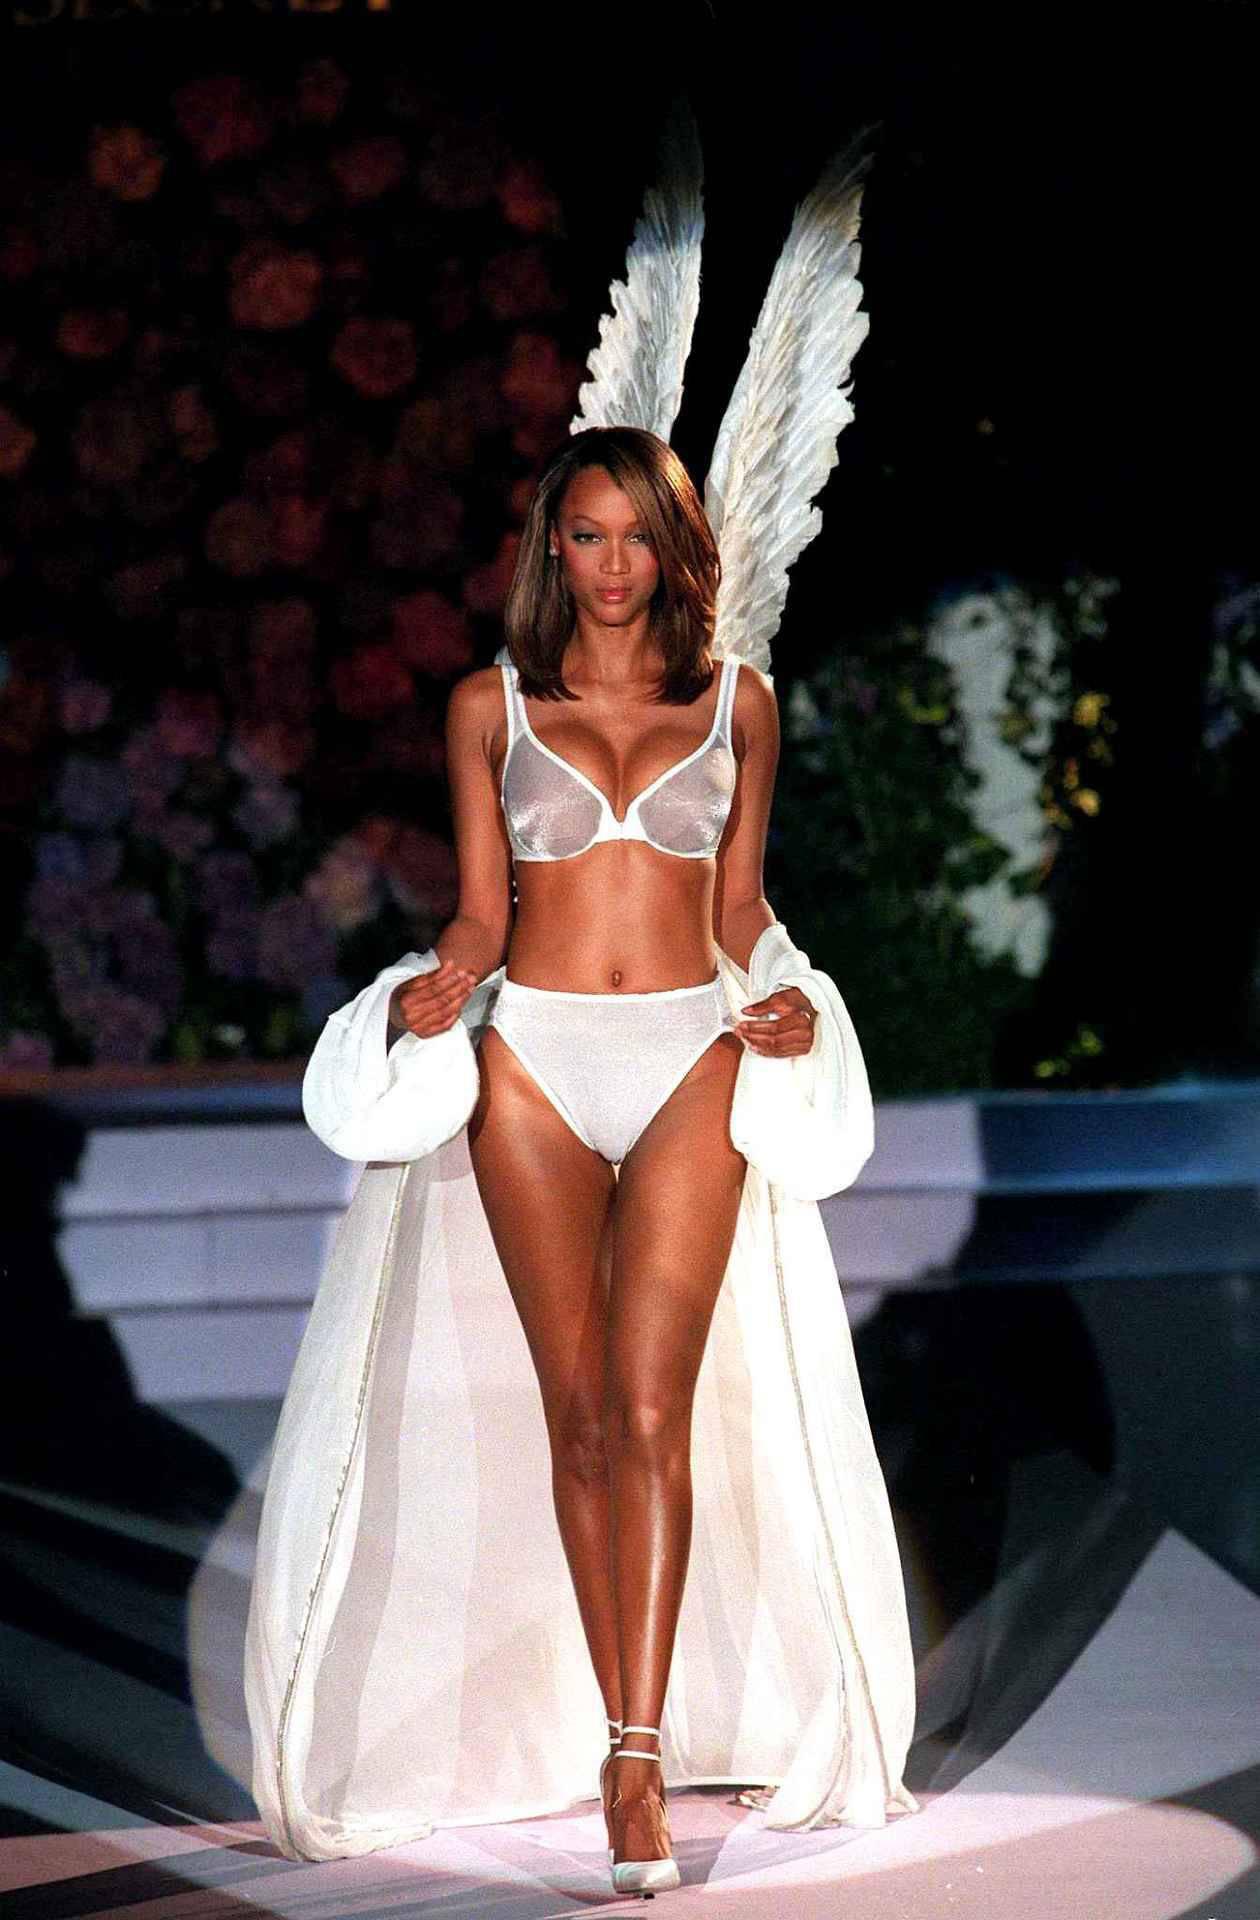 Loạt khoảnh khắc lịch sử của Victorias Secret Fashion Show: Từ sexy, thần tiên đến choáng ngợp đều có đủ, ai xem cũng khó mà kìm lòng - Ảnh 3.